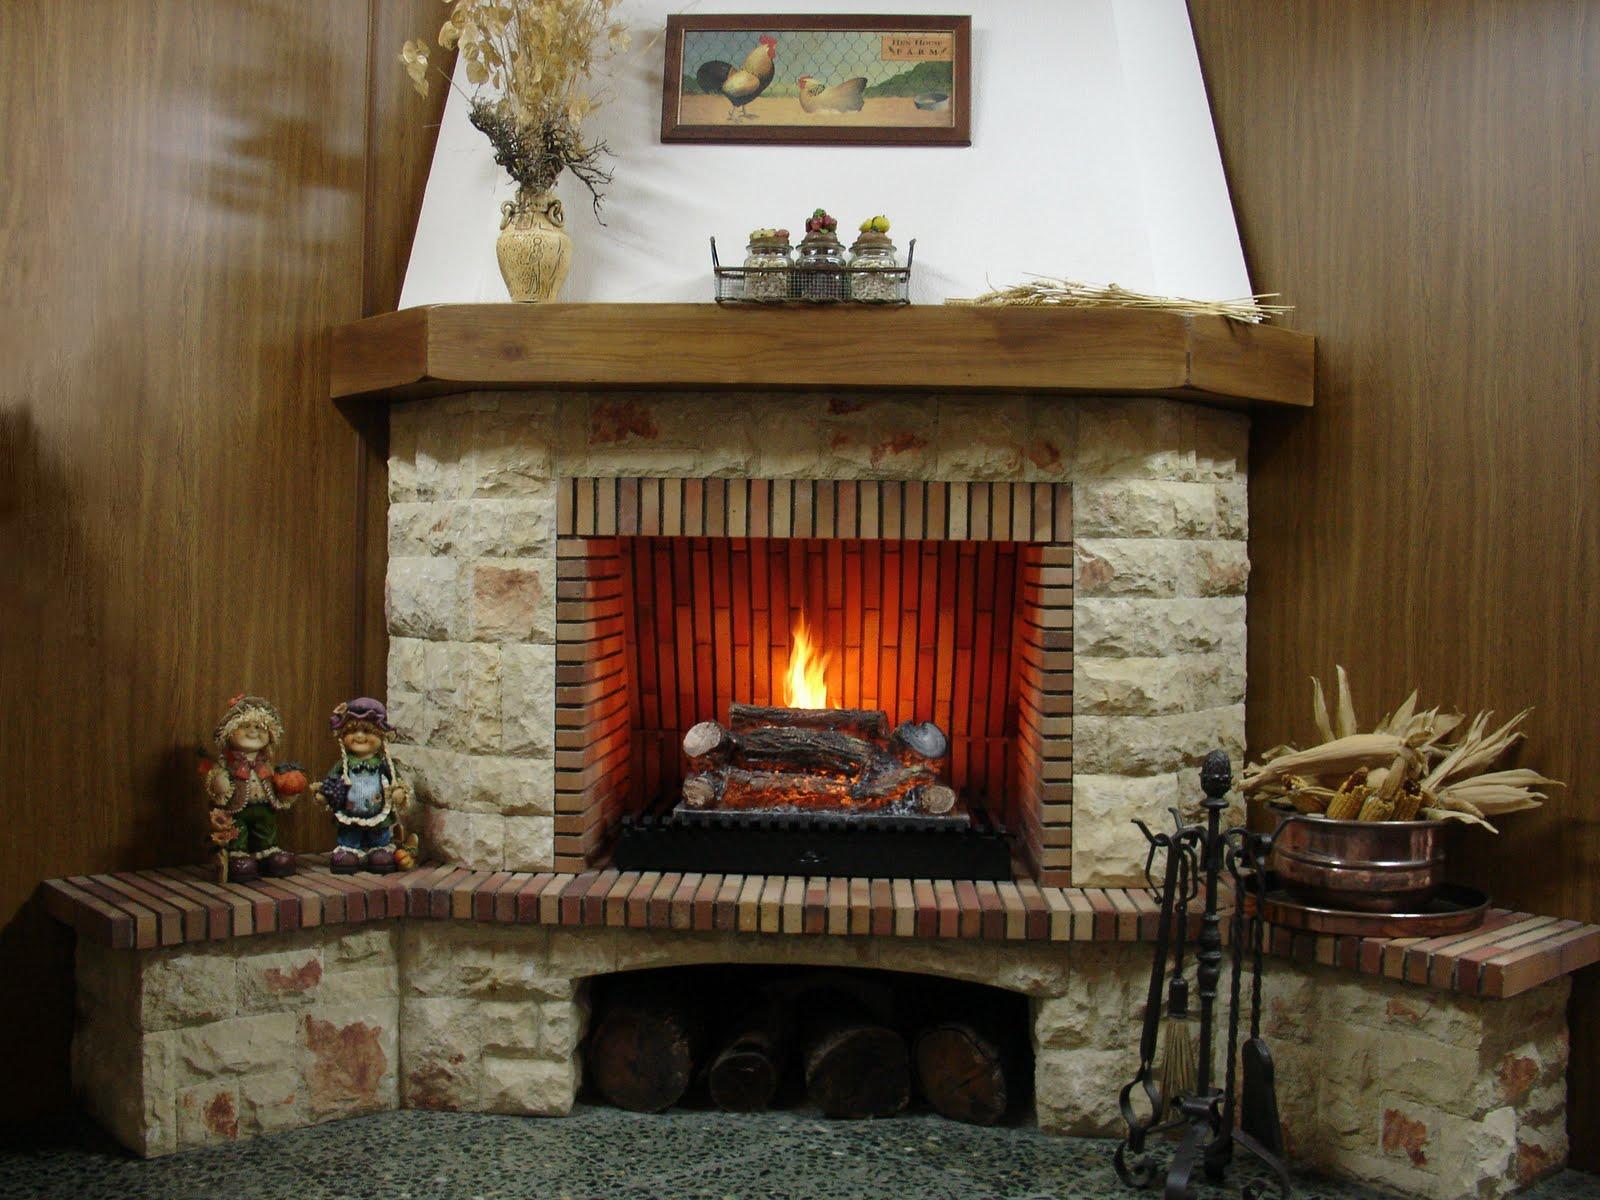 La palmera negra la chimenea - Fotos de chimeneas rusticas ...